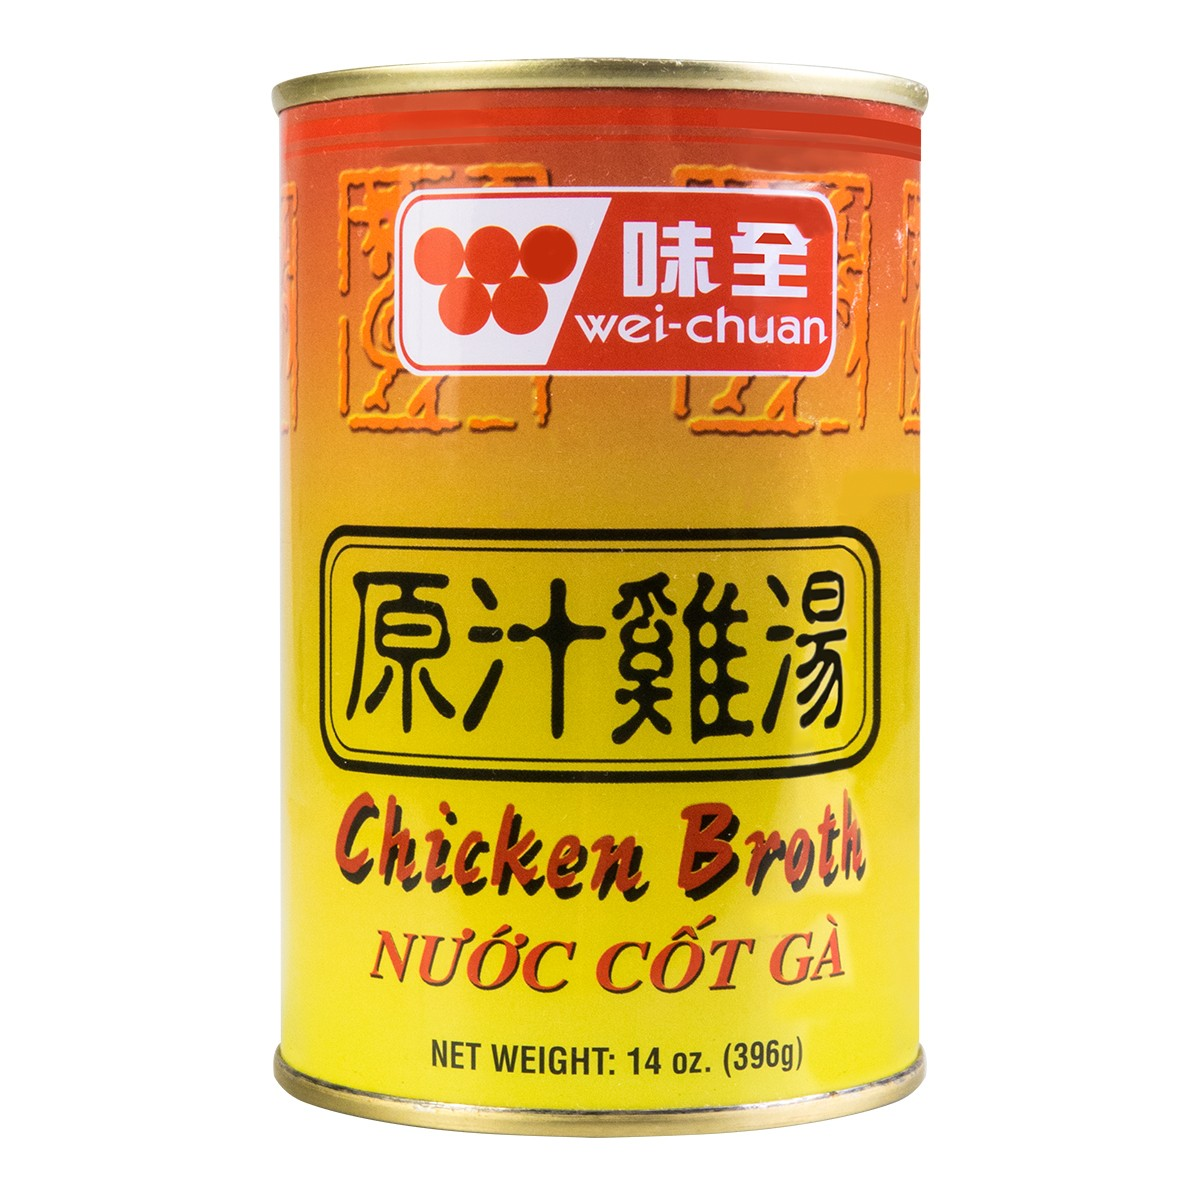 味全 原汁鸡汤 396g